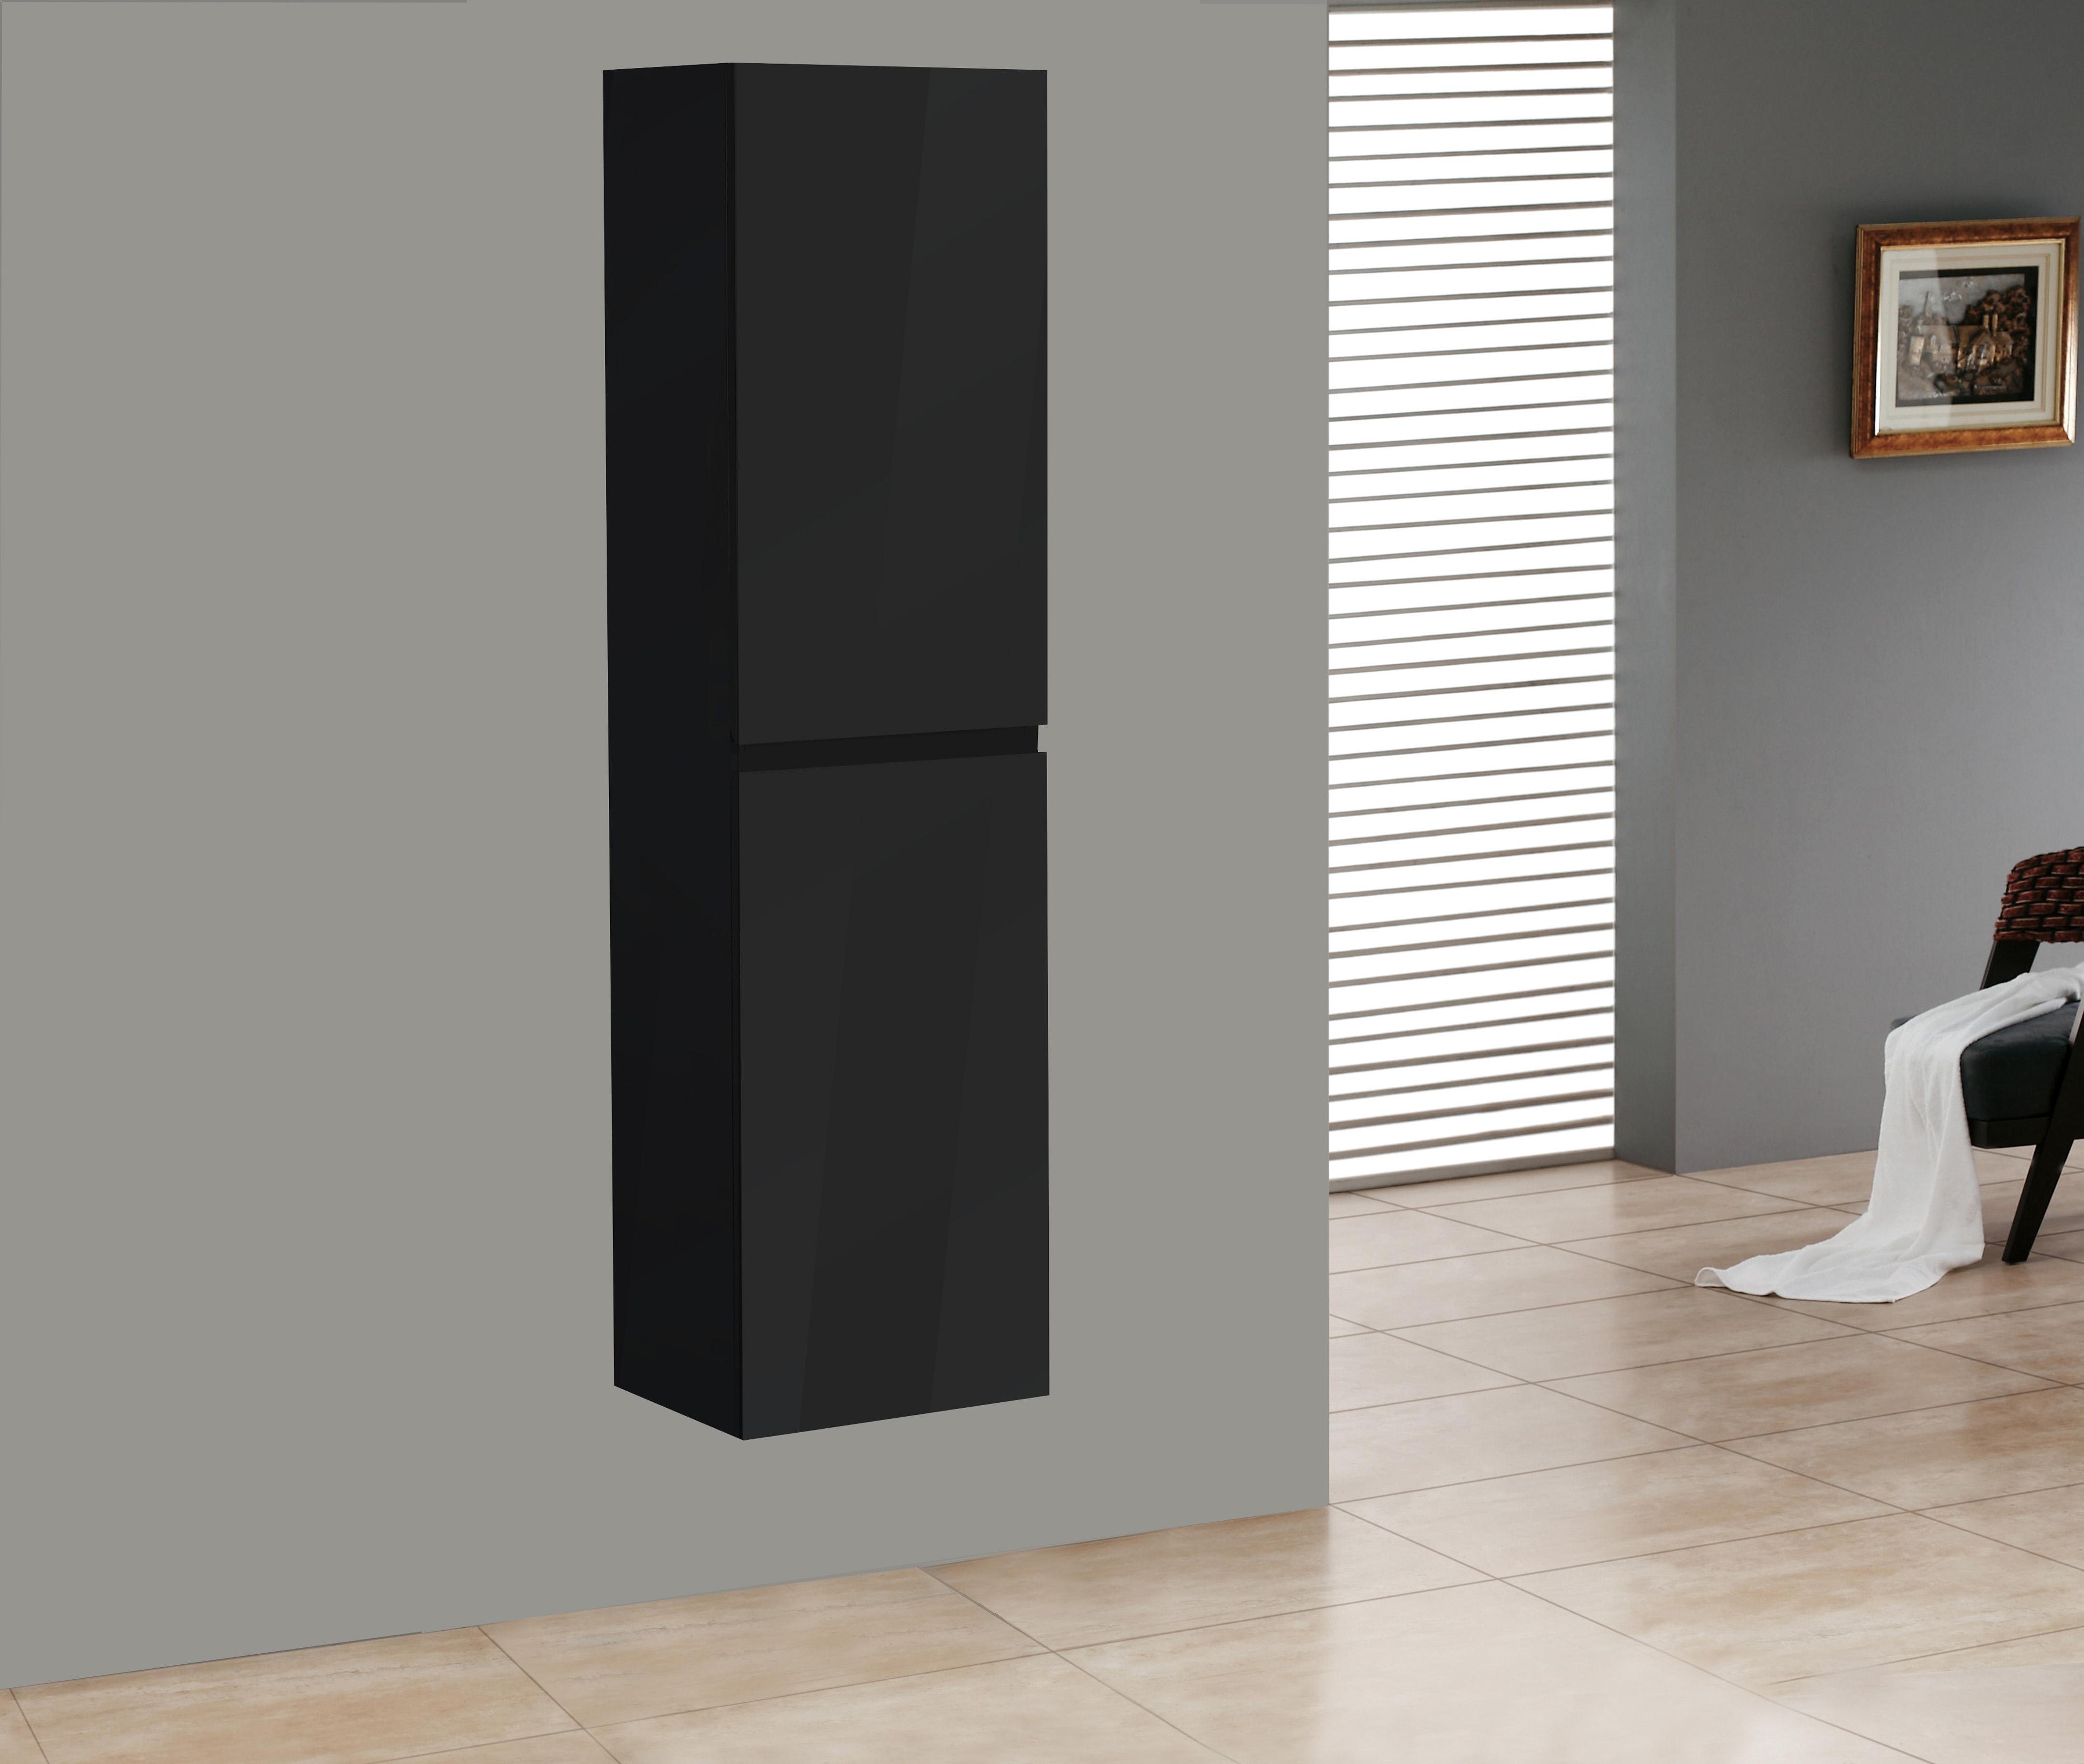 Badmöbel Seitenschrank SWIFT in hochglanz-schwarz